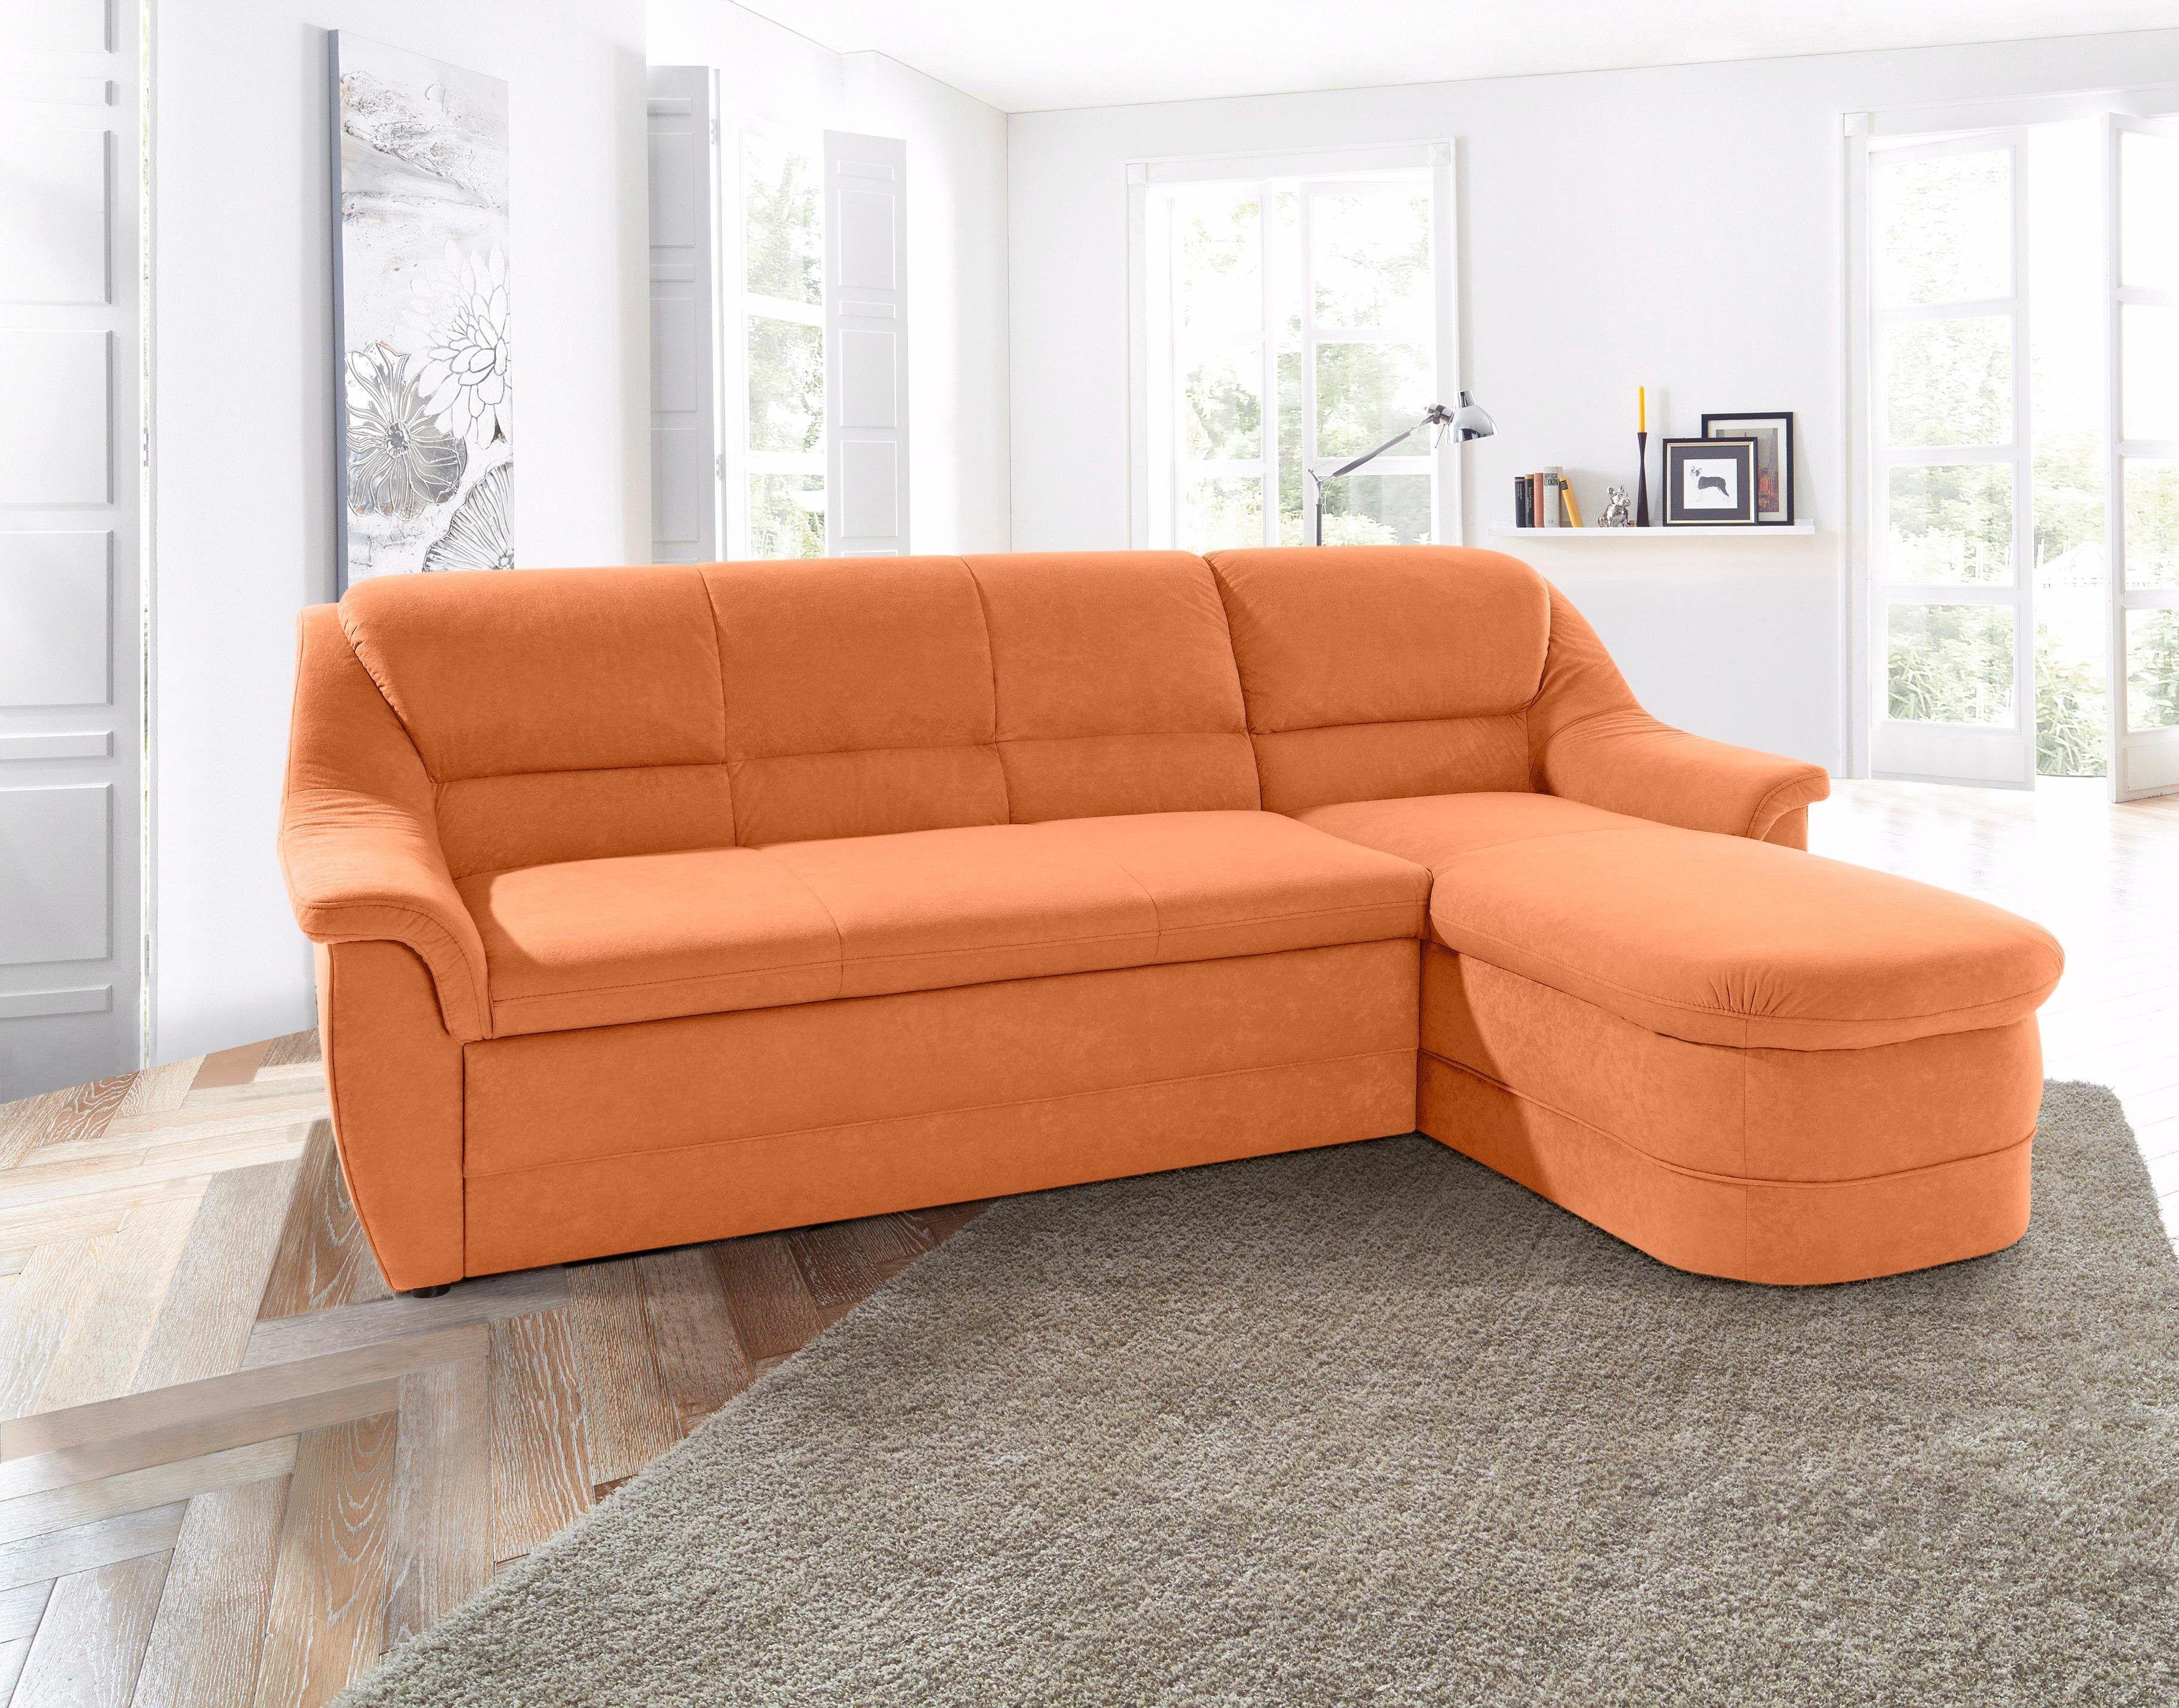 Wohnzimmer sofas ecksofa braun diapers